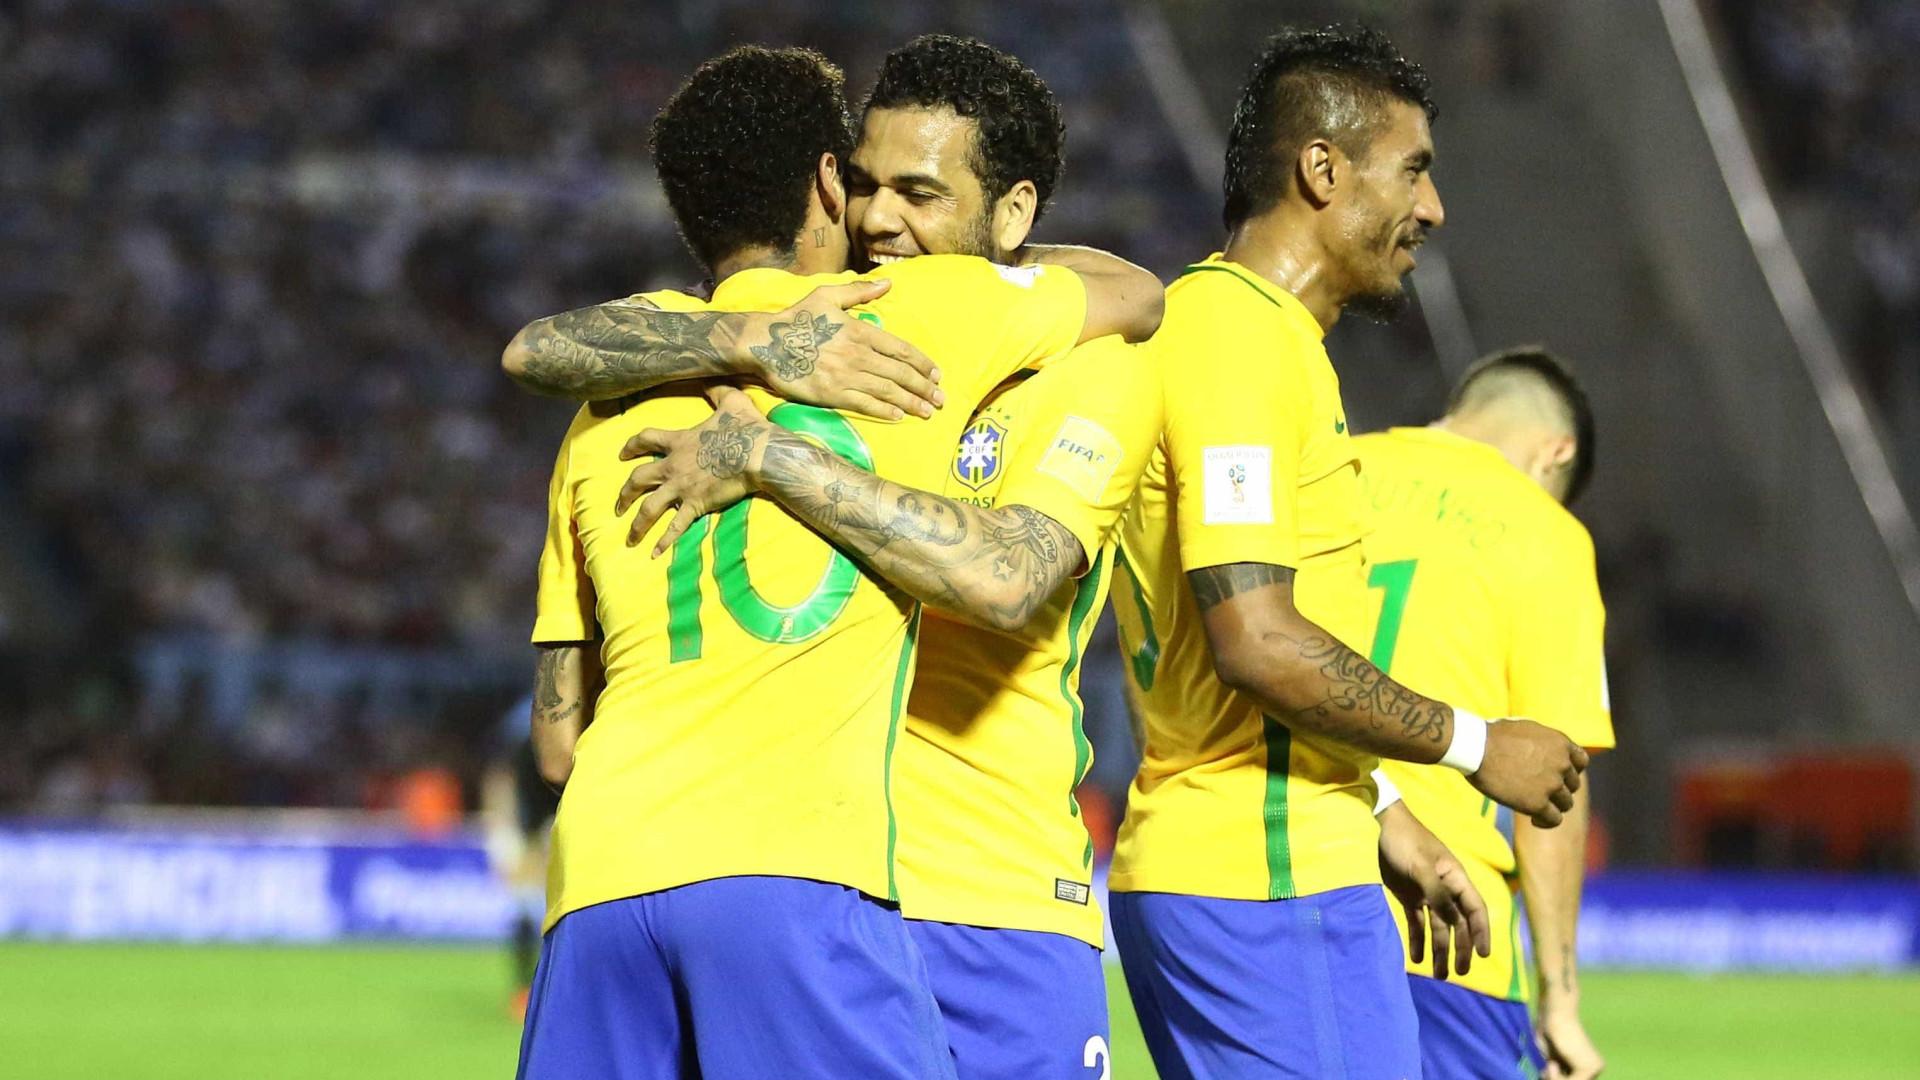 Ingressos para 'Brasil x Equador' em Porto Alegre custam até R$ 800